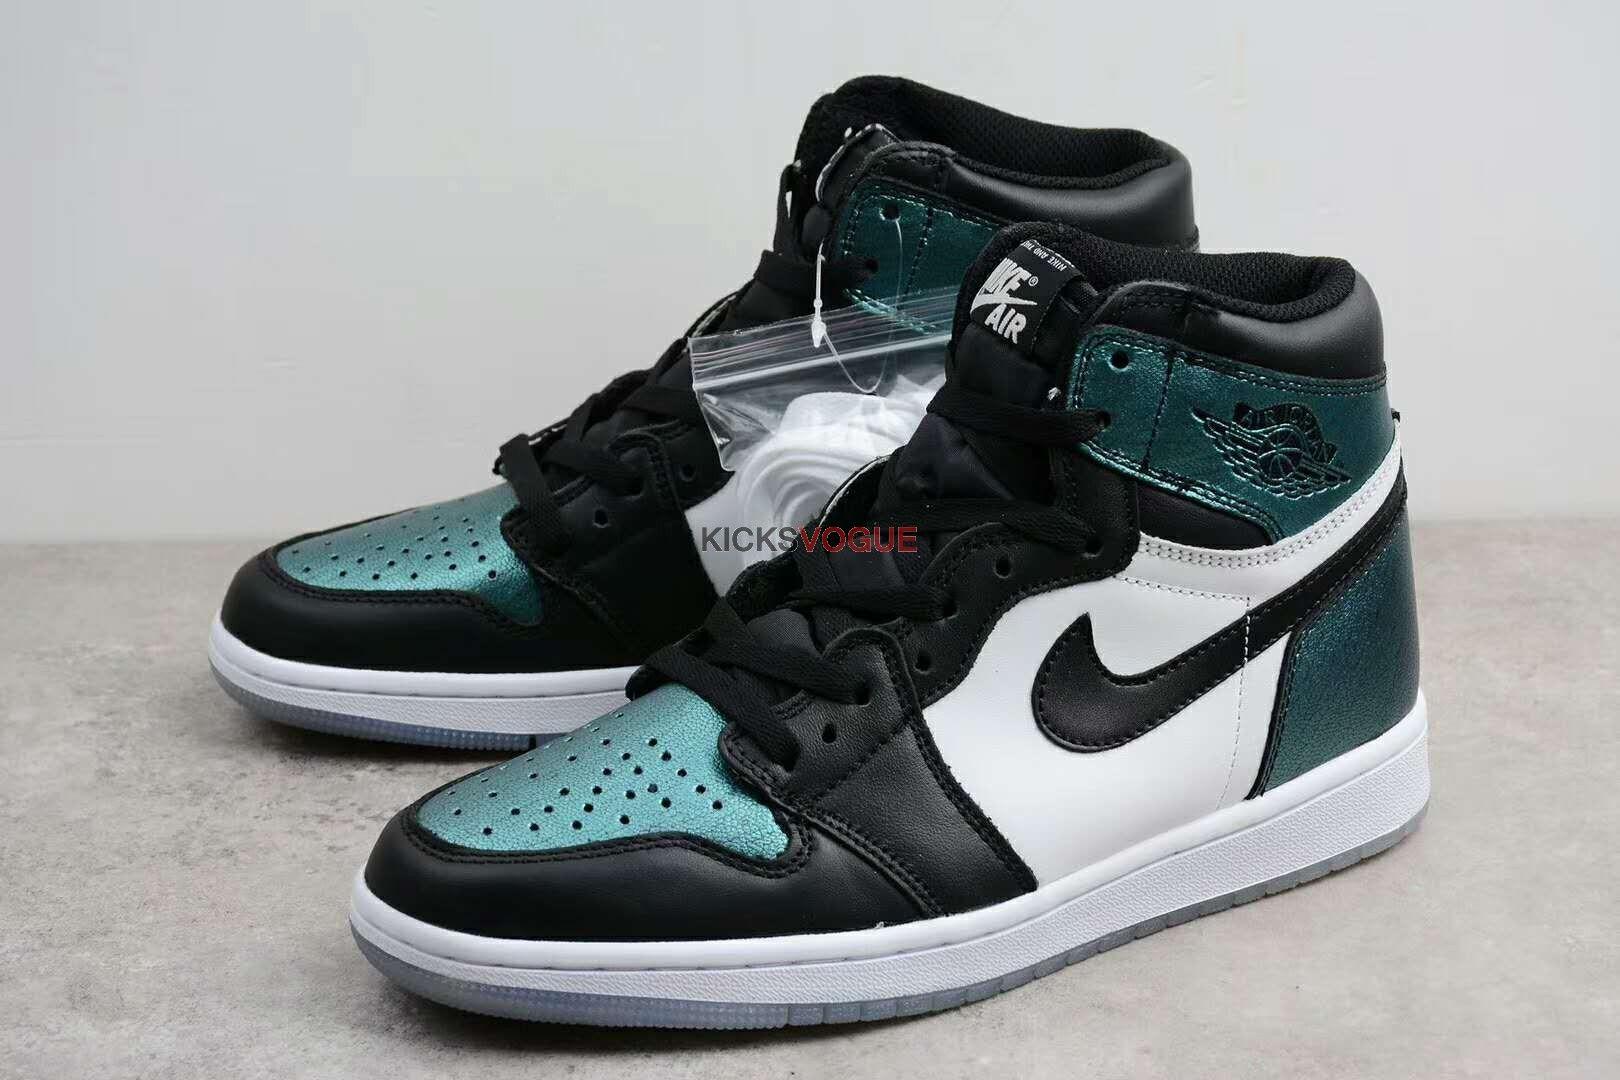 new concept d536c 09f42 Air Jordan 1 RETRO HIGH OG All Star Chameleon Gotta Shine 907958-015